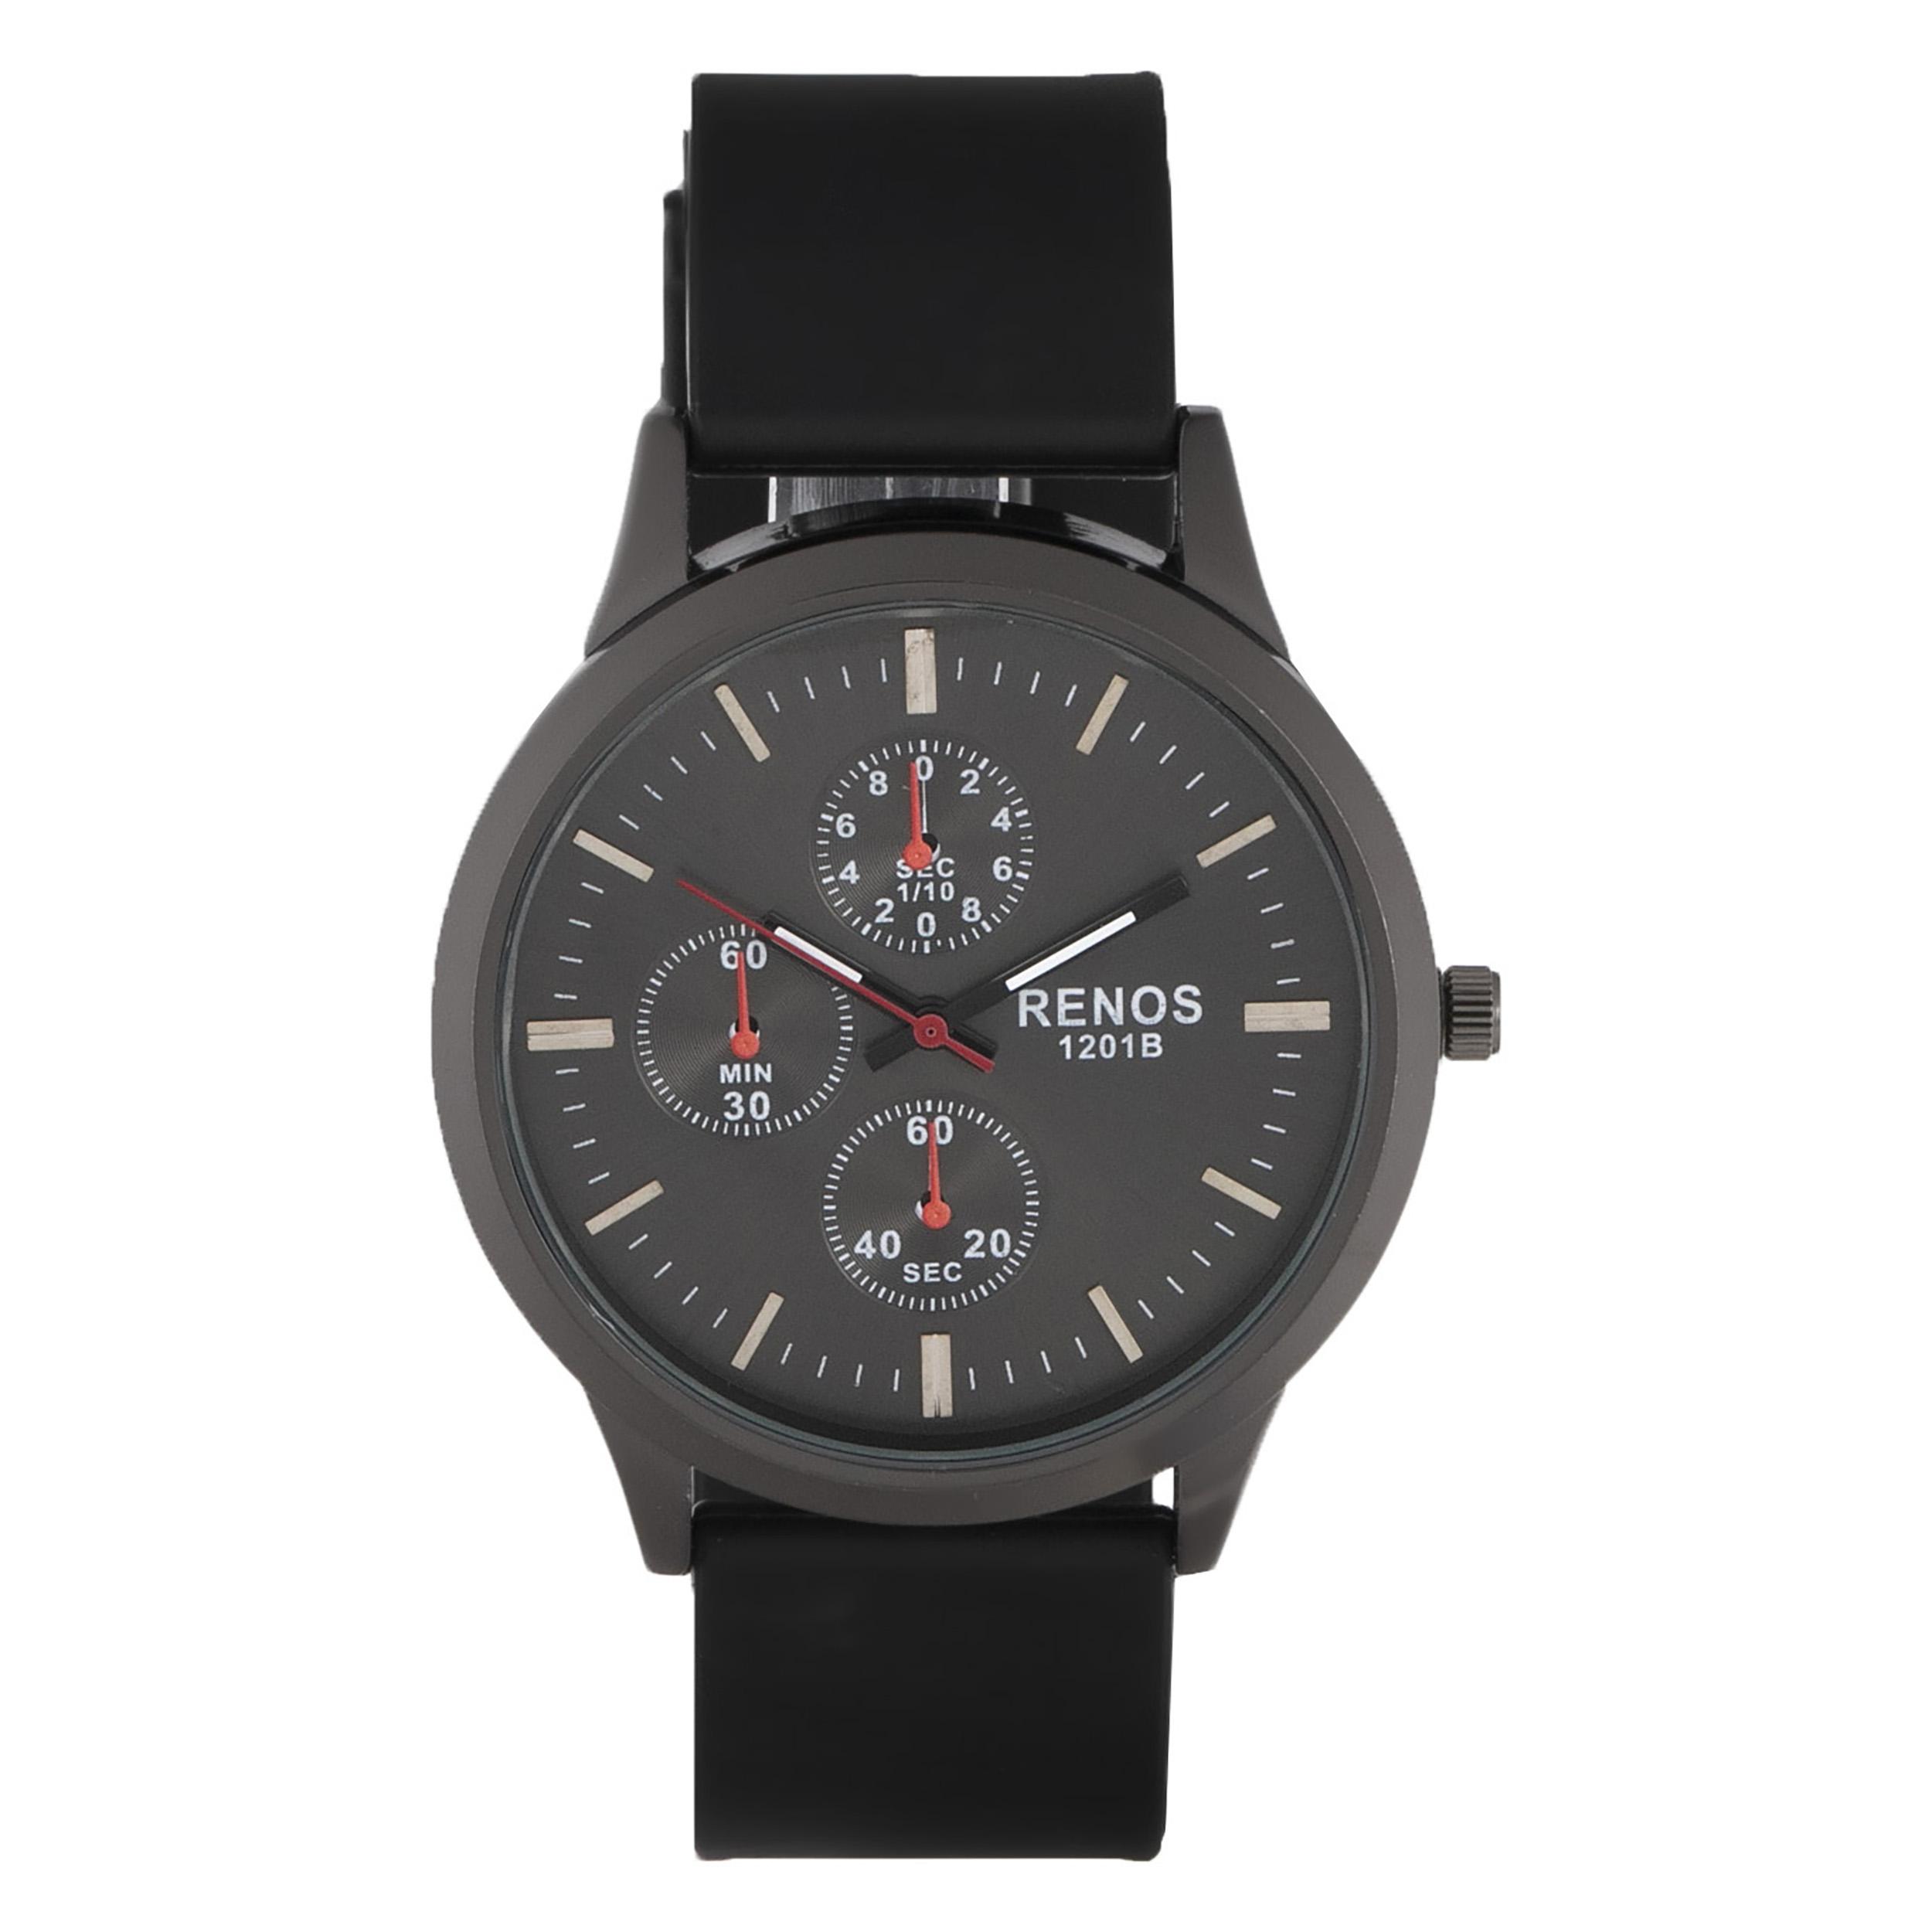 ساعت مچی عقربه ای مردانه رنوس مدل RS-6875 22